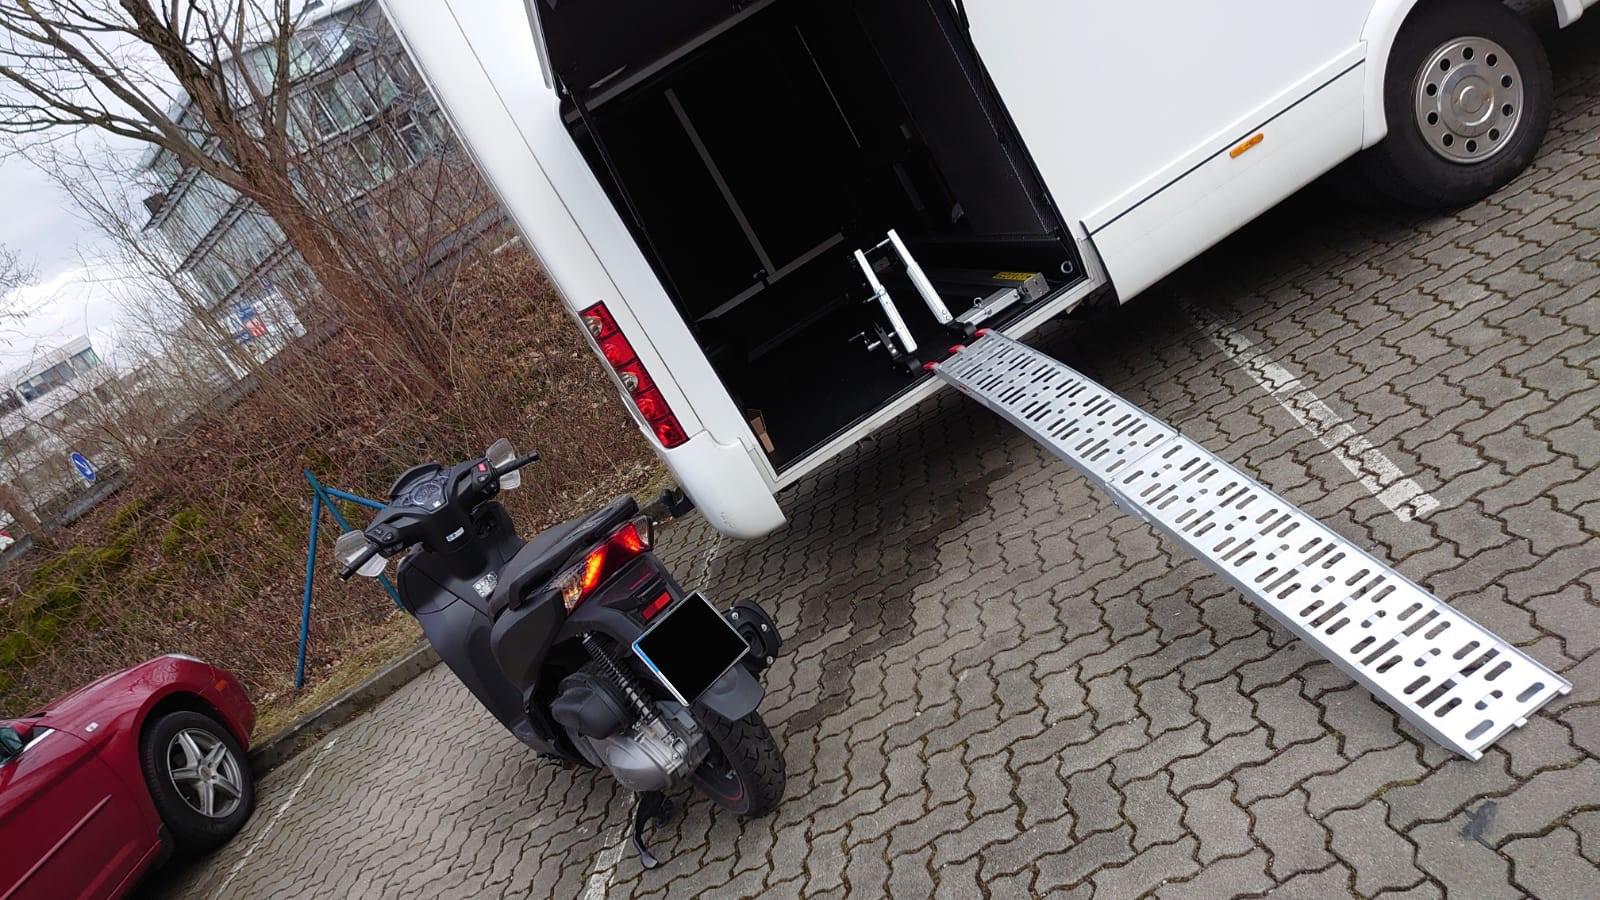 Halterung heckgarage roller wohnmobil Motorradträger und